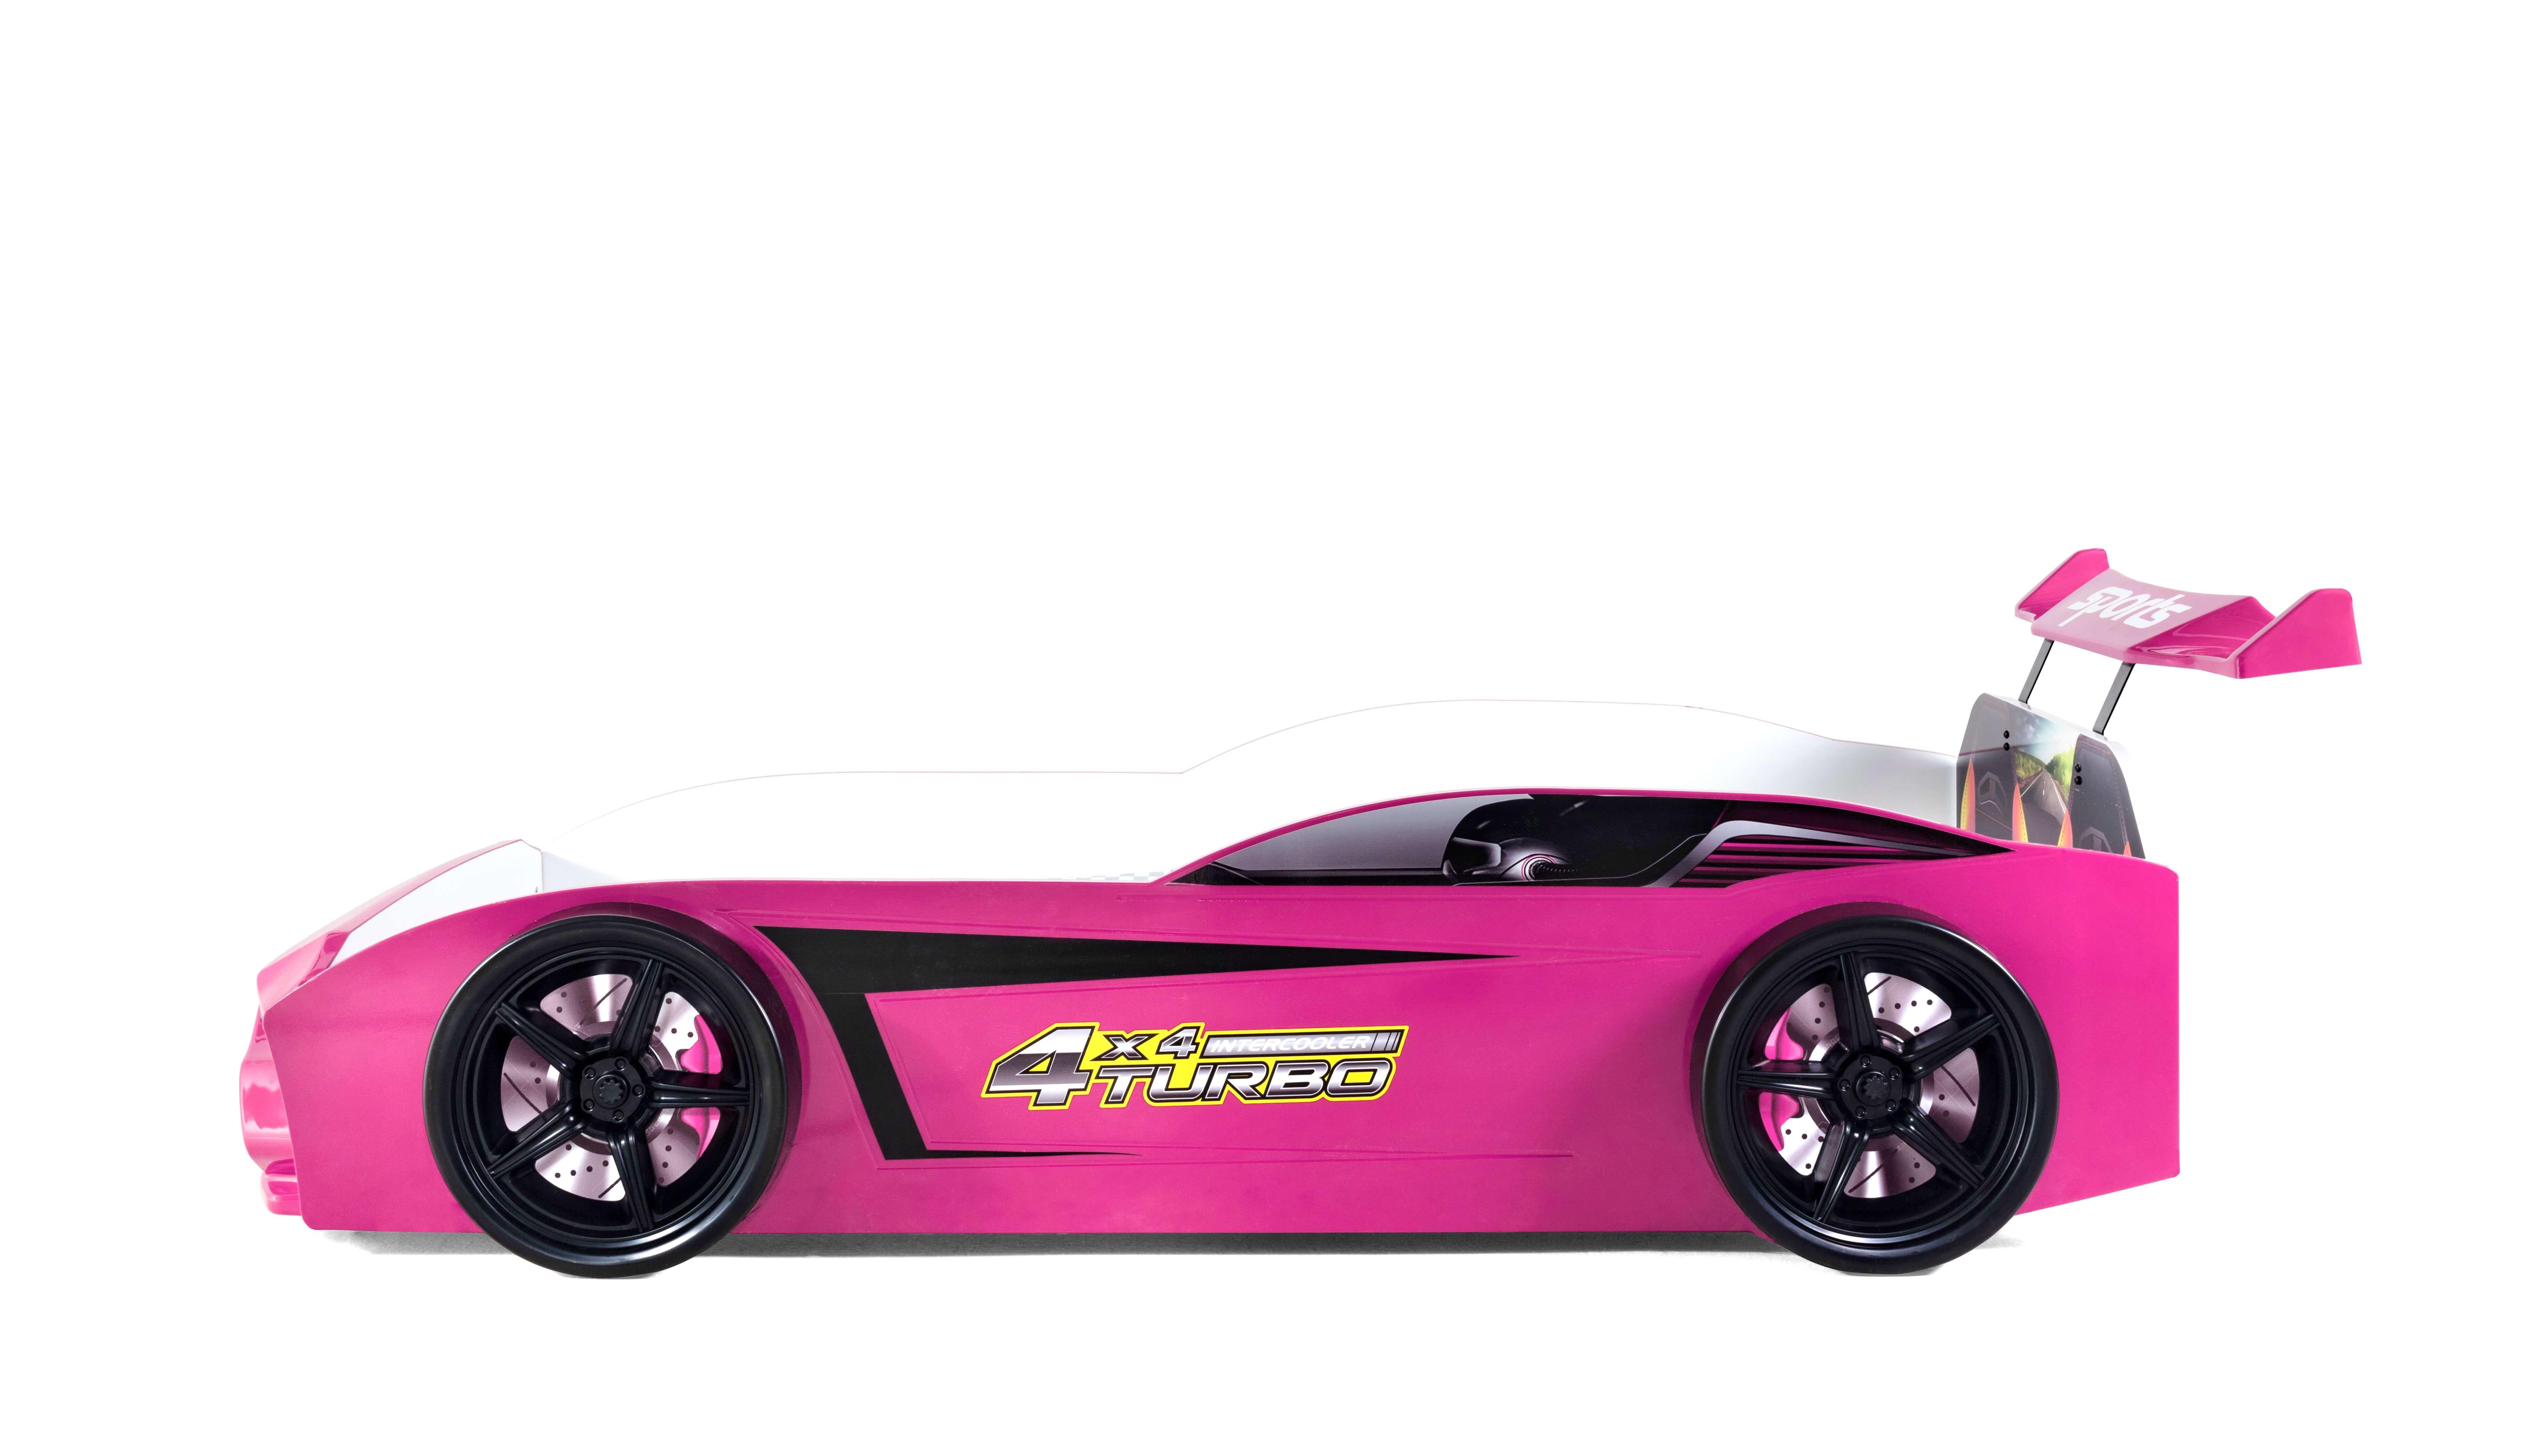 Kinder Autobett GT18 Turbo 4x4 in Pink